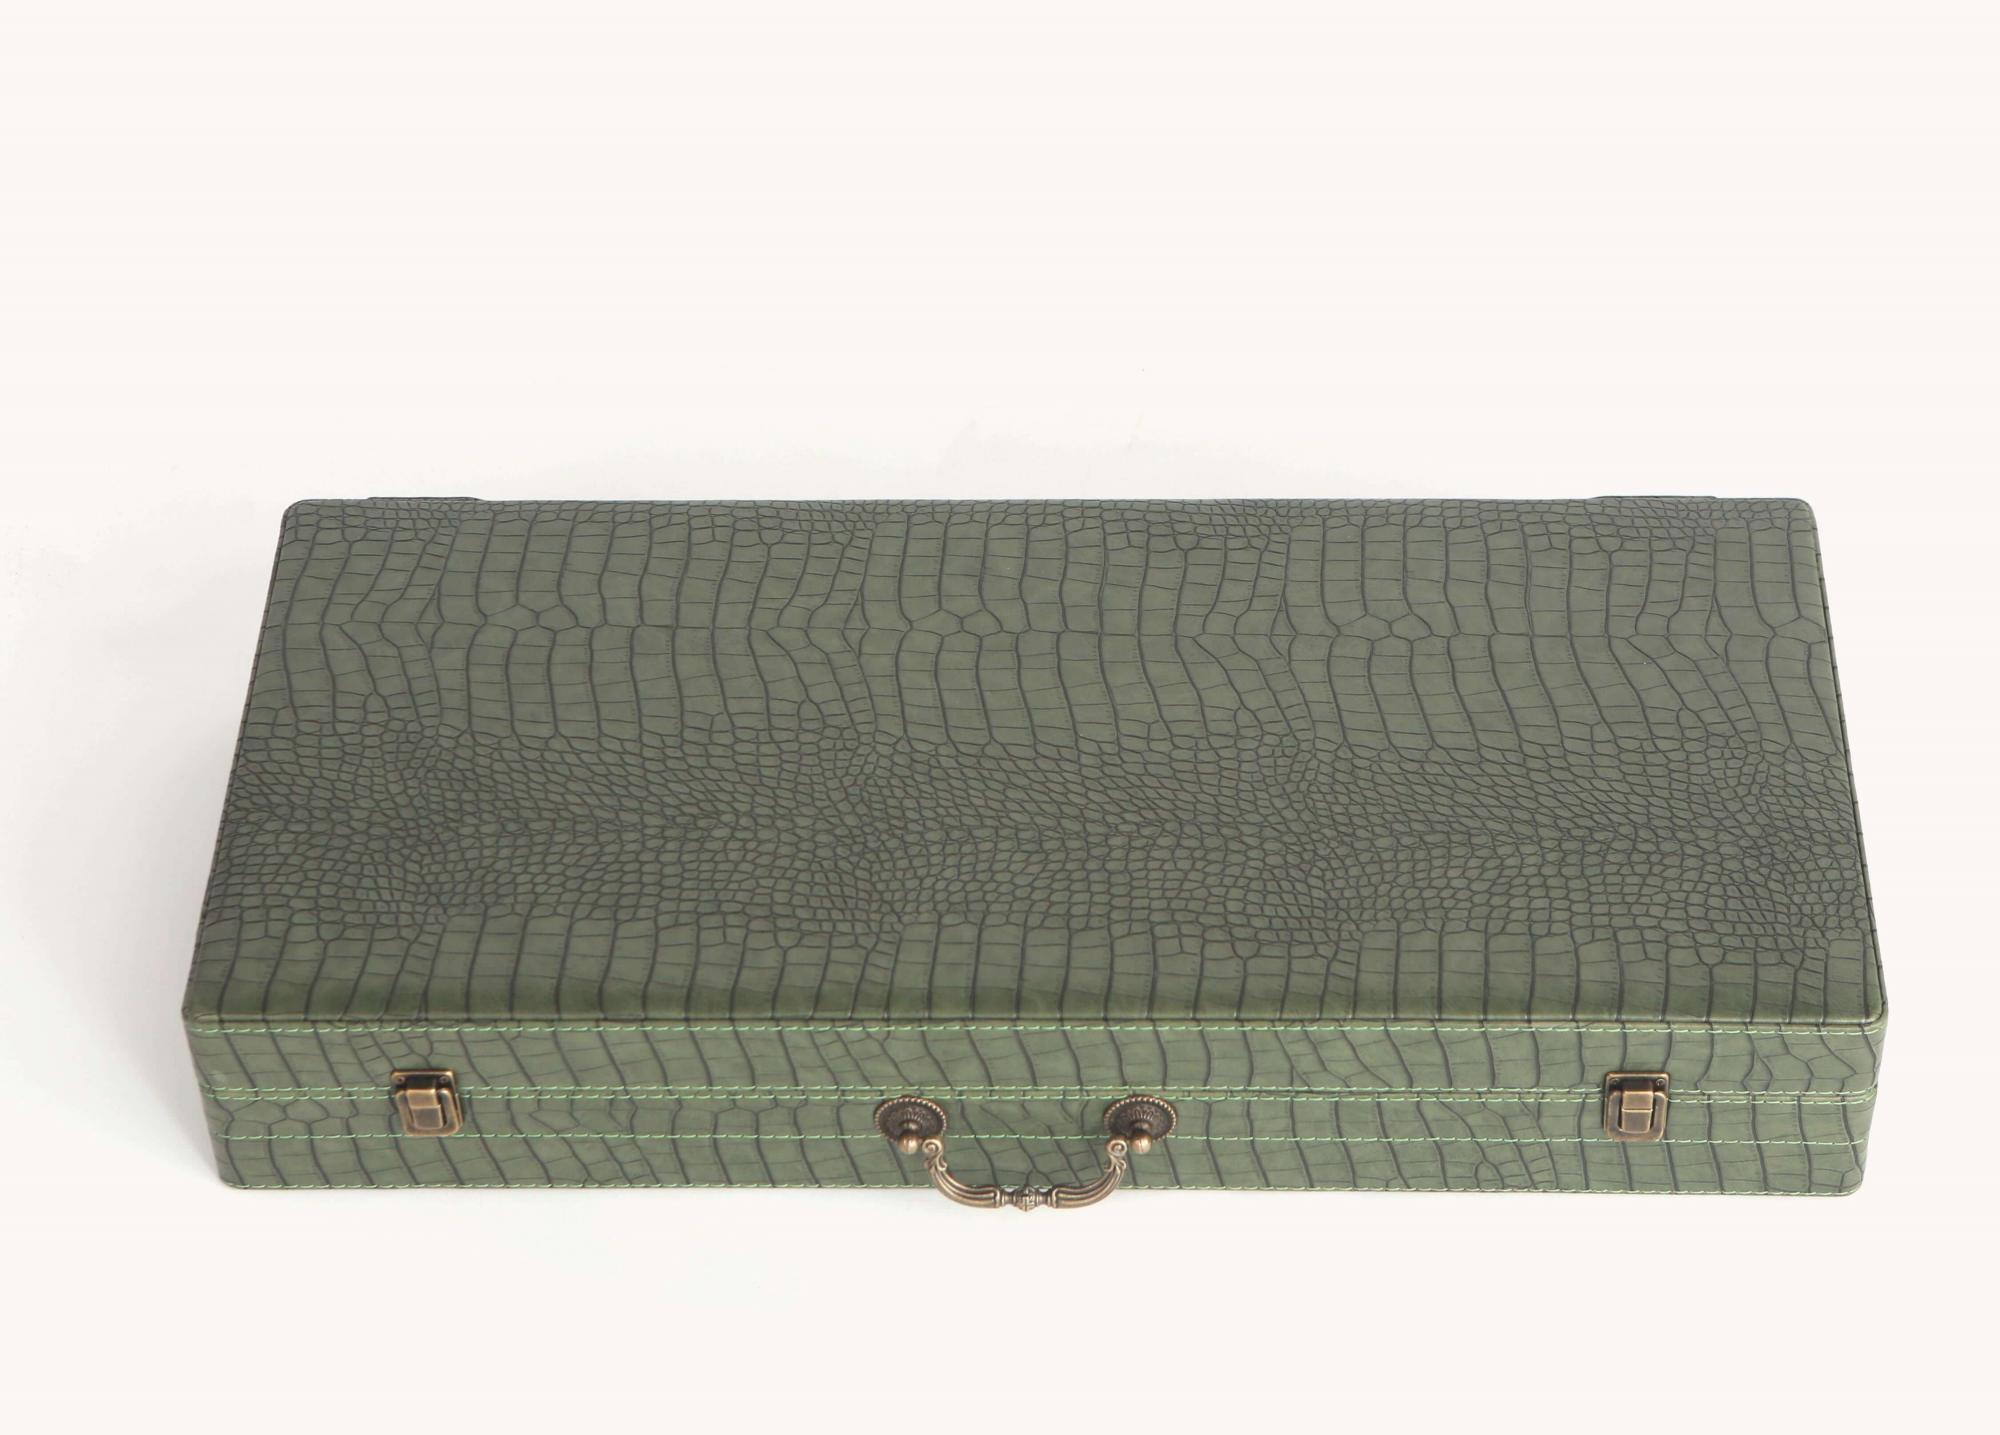 Шашлычный набор №4 - Кизлярский Зеленый в Москве 89267249203 купить 2